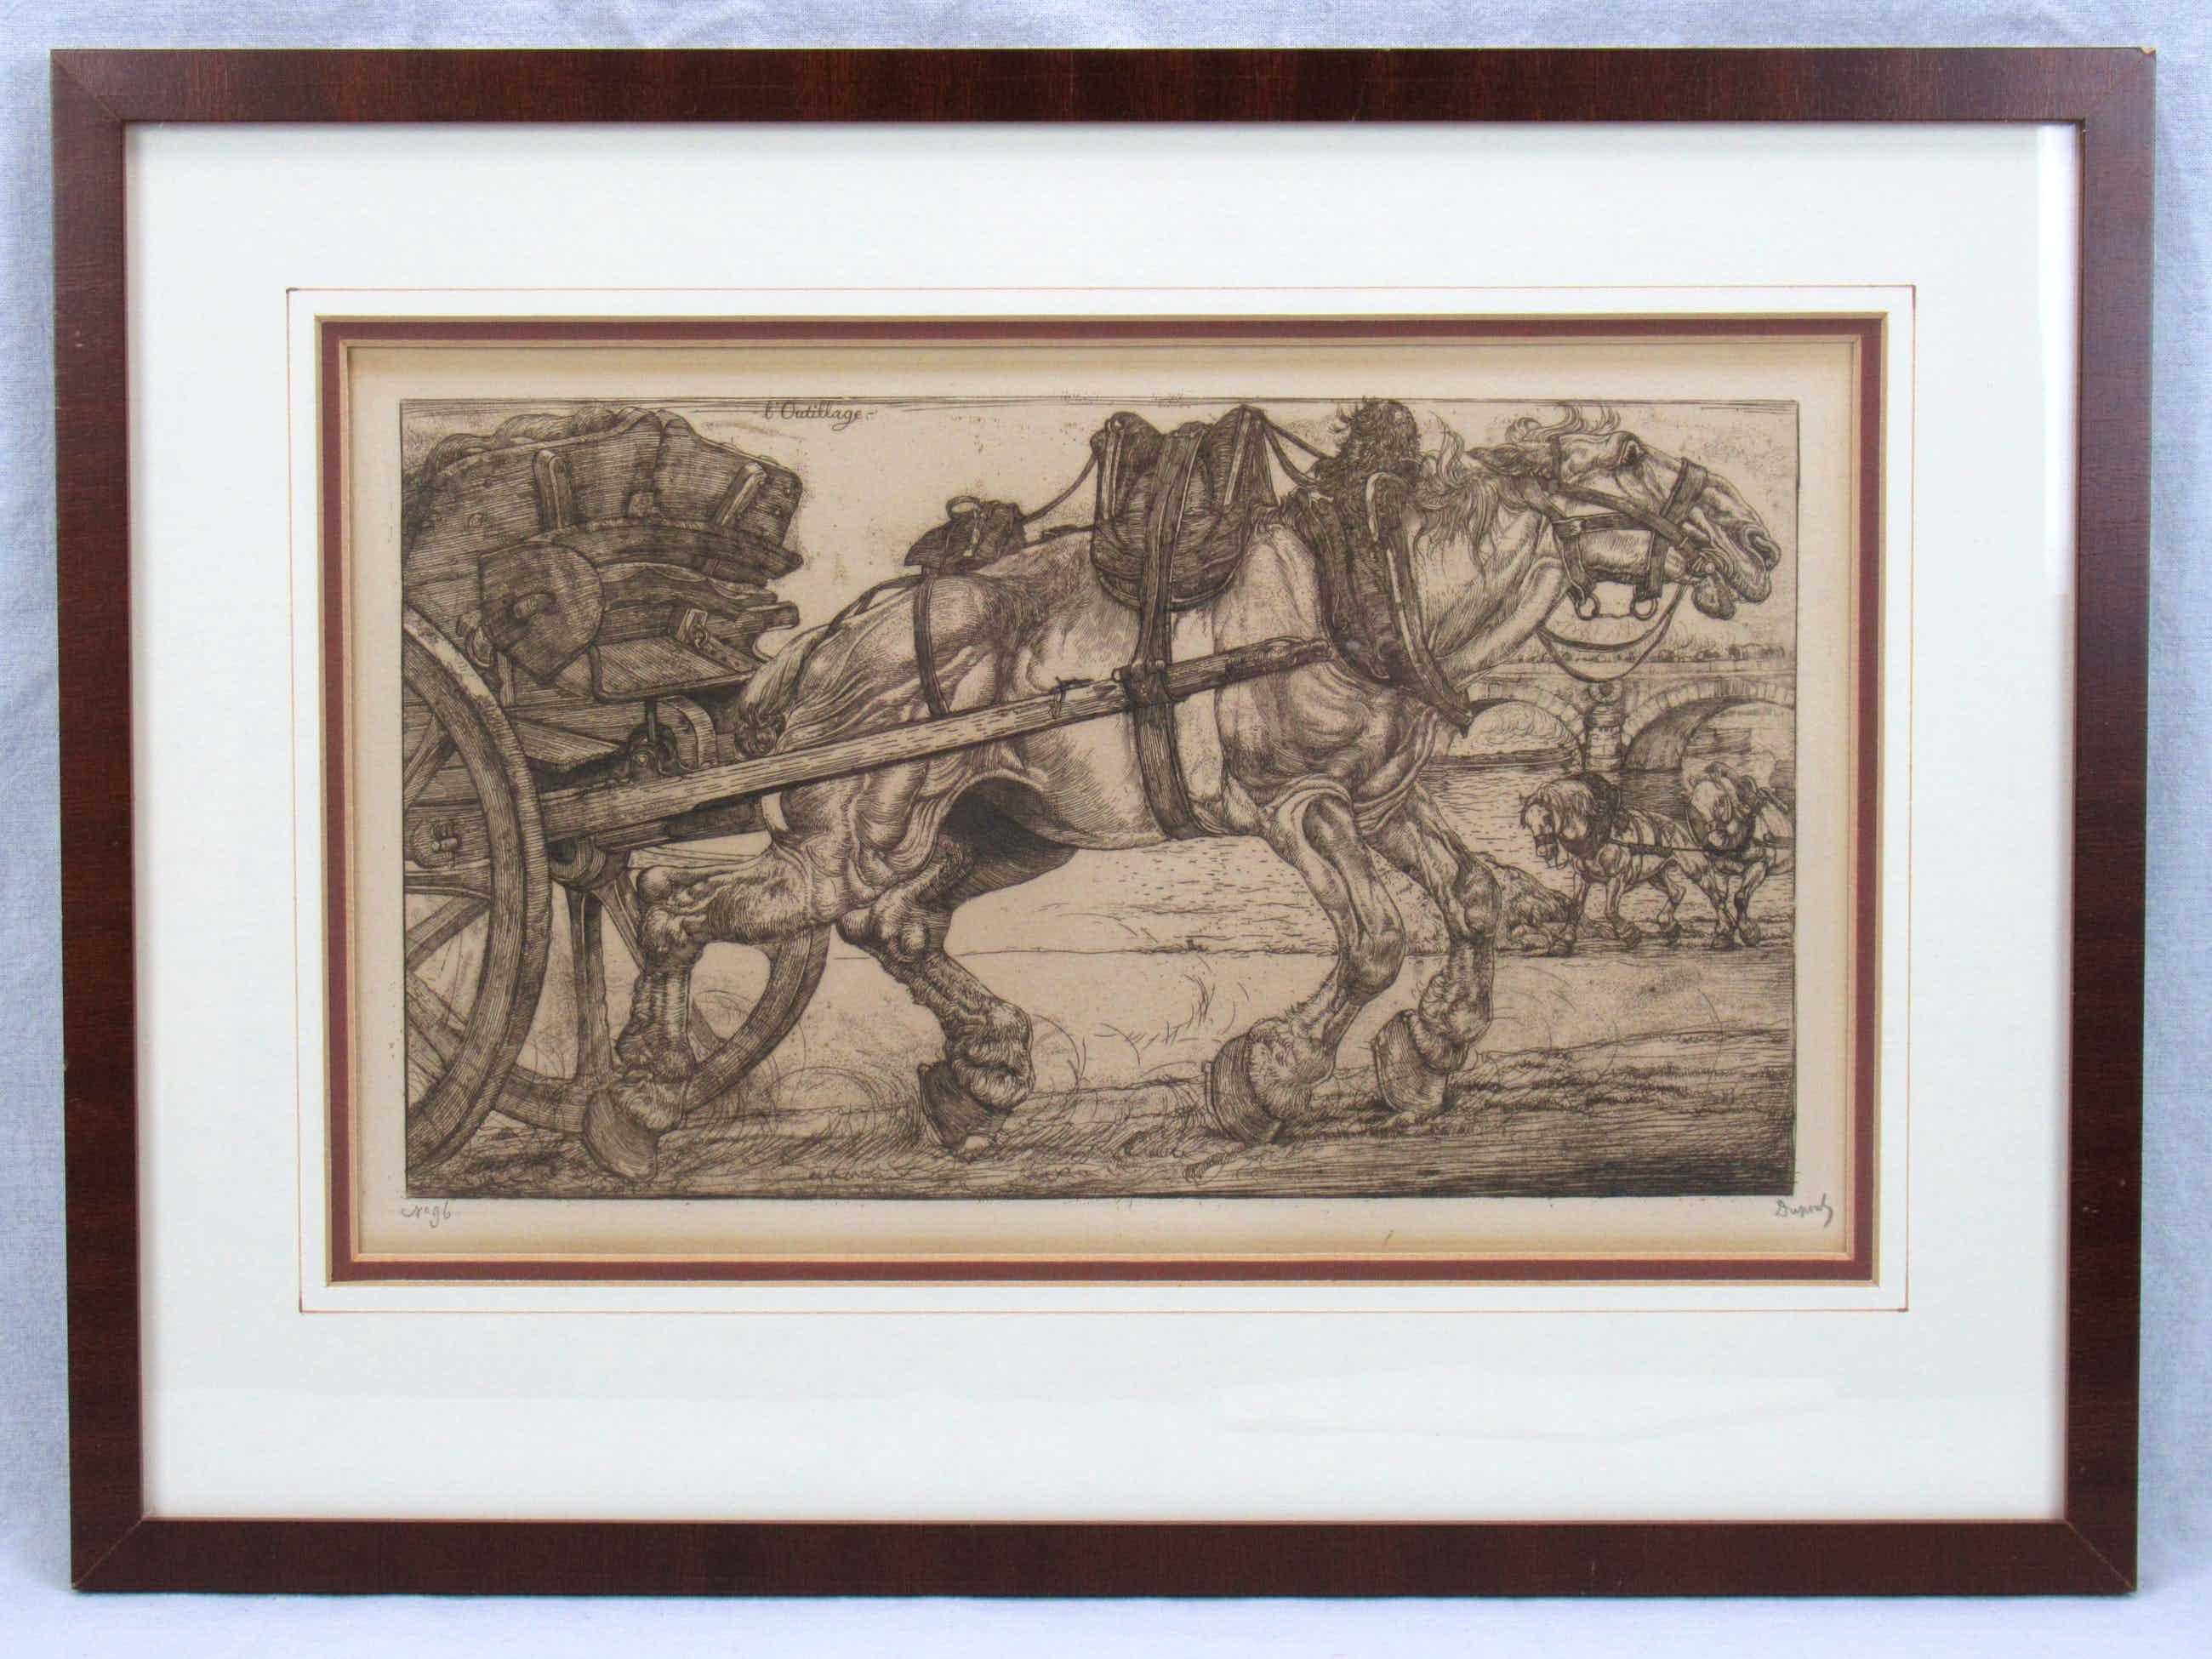 Pieter Dupont - Karrepaard in Parijs kopen? Bied vanaf 90!